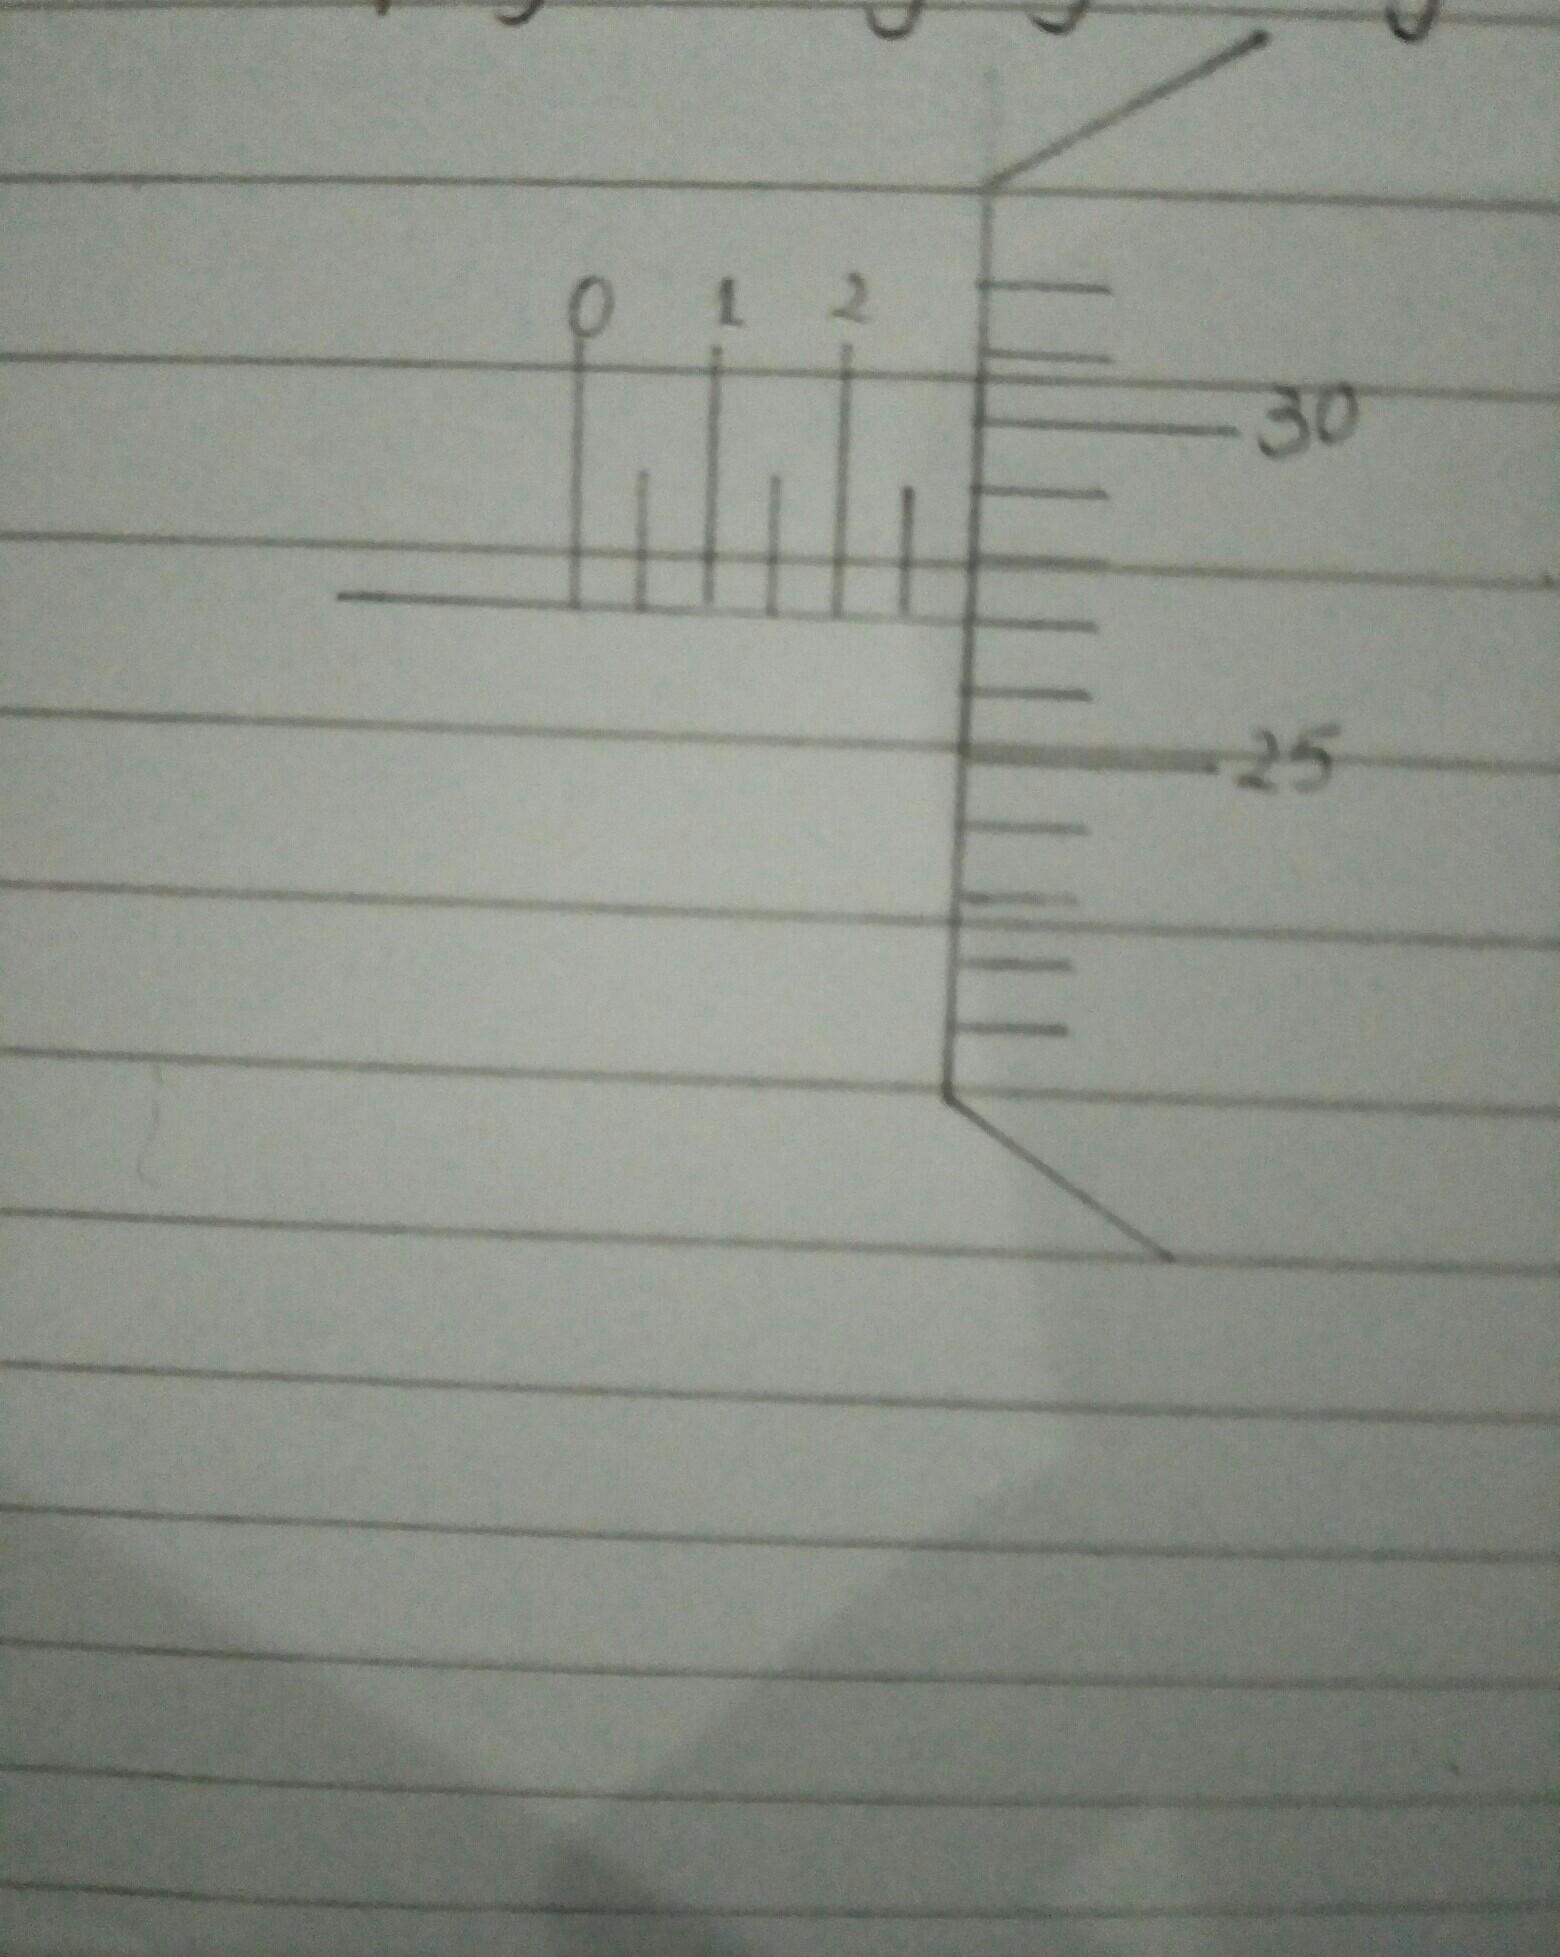 Hasil Ukuran Yang Ditunjukkan Oleh Mikrometer Sekrup Di Bawah Ini Adalah : hasil, ukuran, ditunjukkan, mikrometer, sekrup, bawah, adalah, Perhatikan, Gambar, Diatas!berapa, Hasil, Pengukuran, Ditunjukkan, Mikrometer, Sekrup?, Brainly.co.id